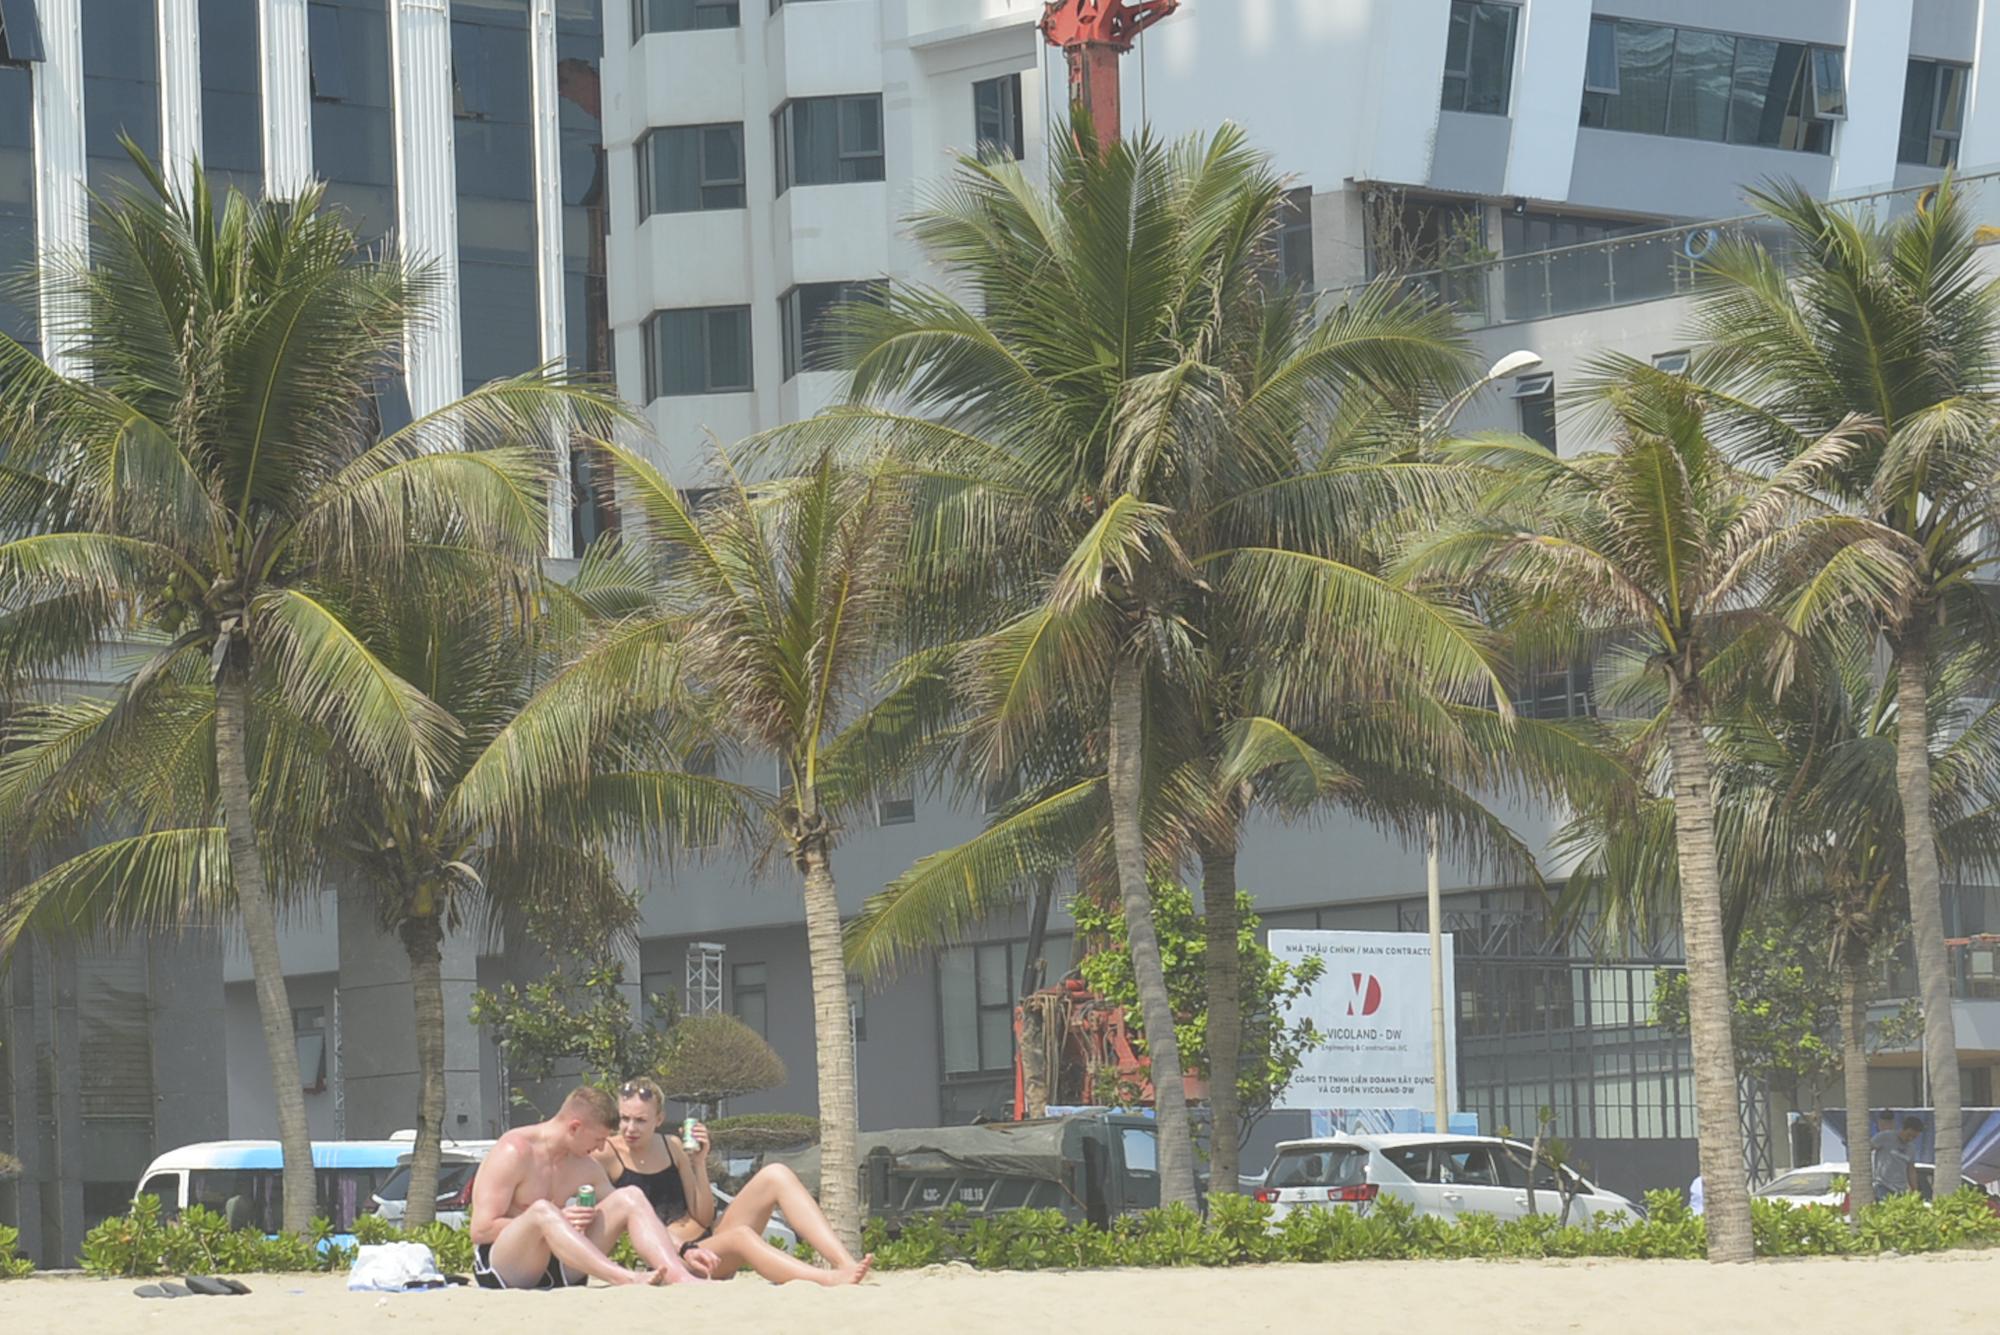 Đà Nẵng: Du khách thảnh thơi vui chơi ở bãi biển khi dịch Covid-19 được phòng tốt - Ảnh 5.